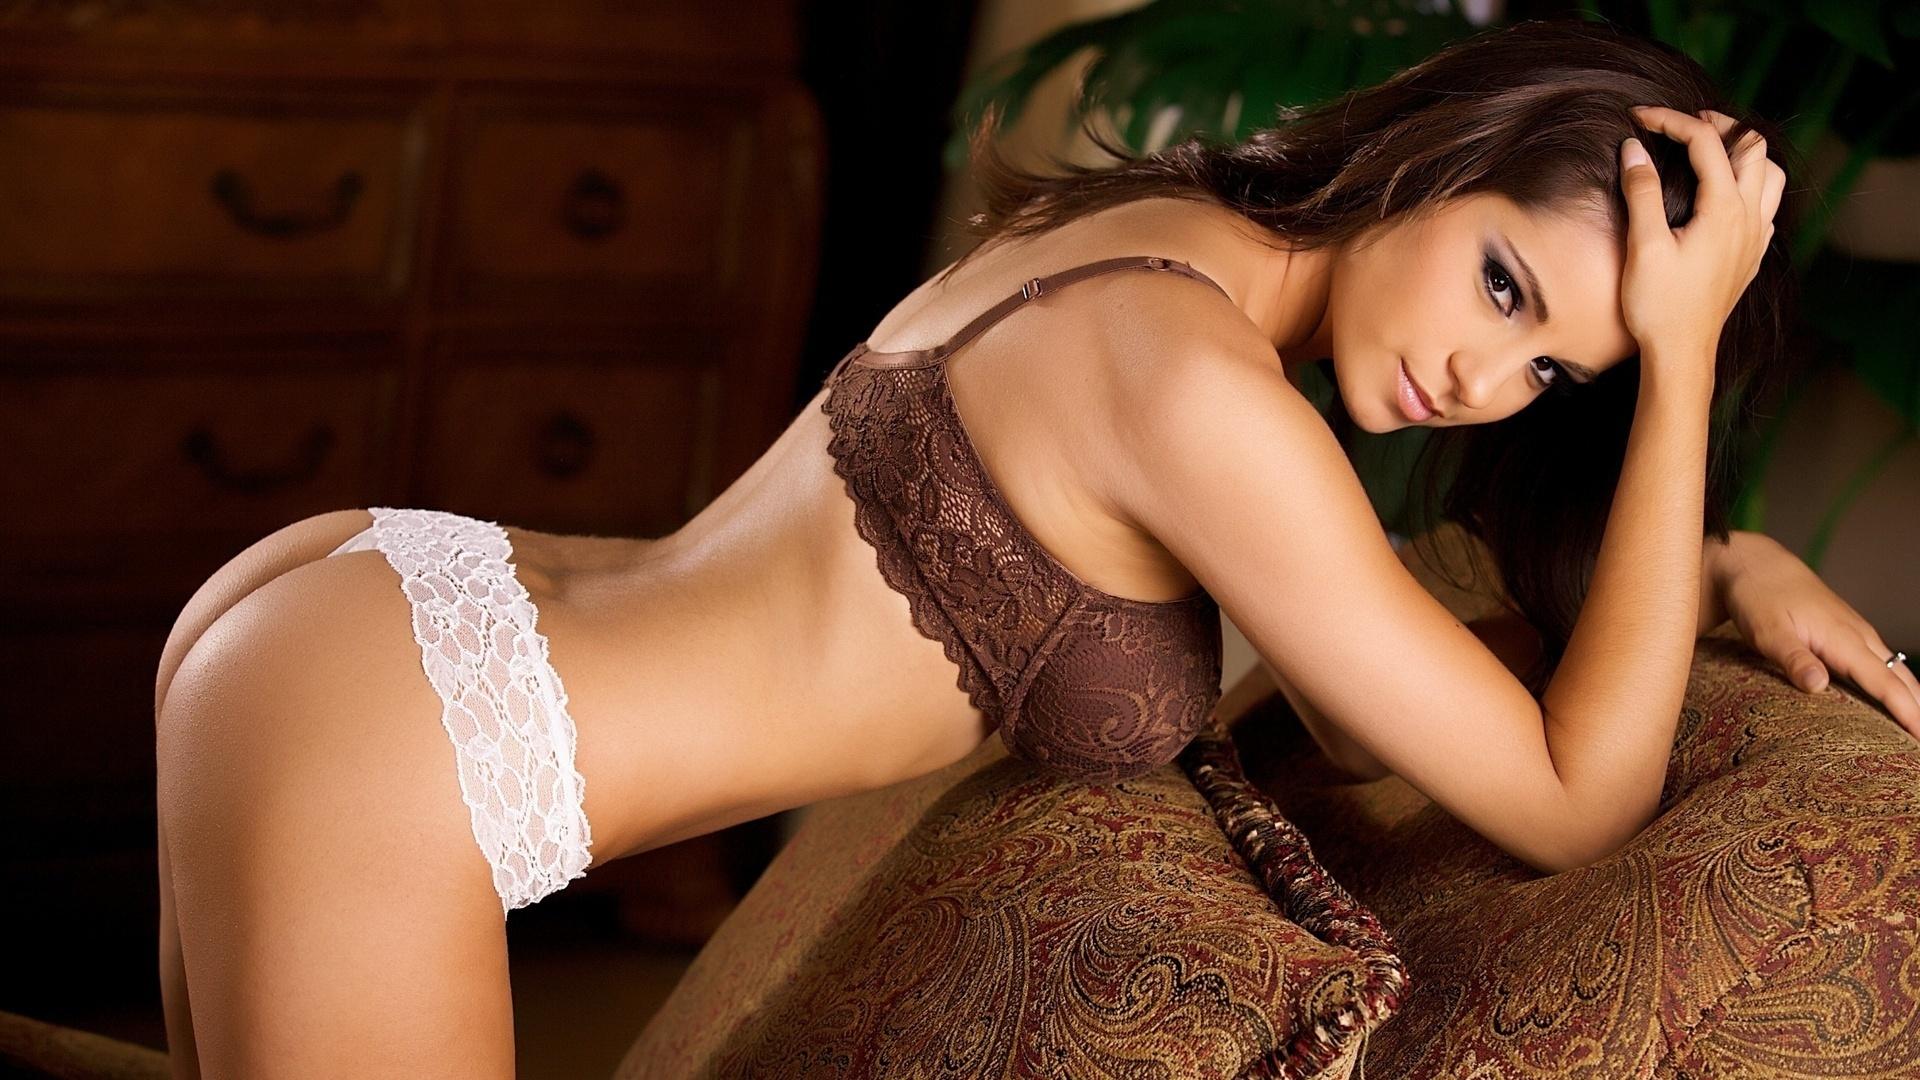 Сексуальне красивые девушки, Порно видео с красивыми и миловидными девушками 25 фотография